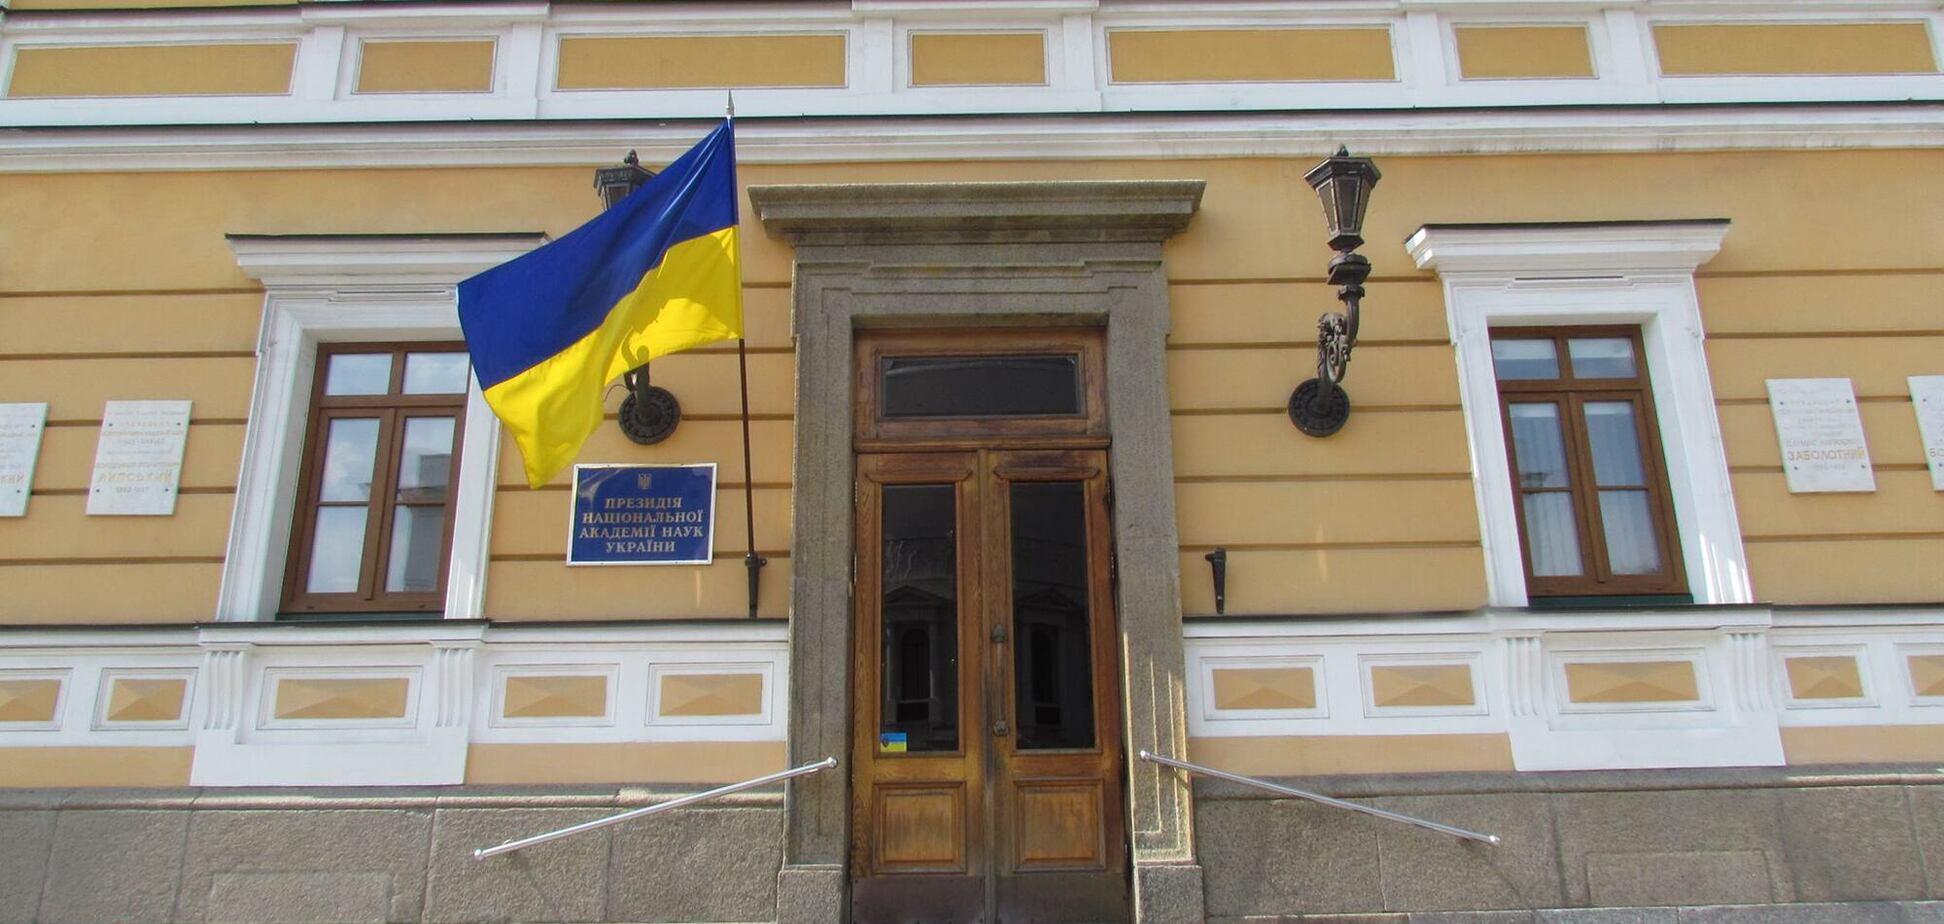 Эксперт рассказал, что правительство берет под контроль имущество НАН Украины